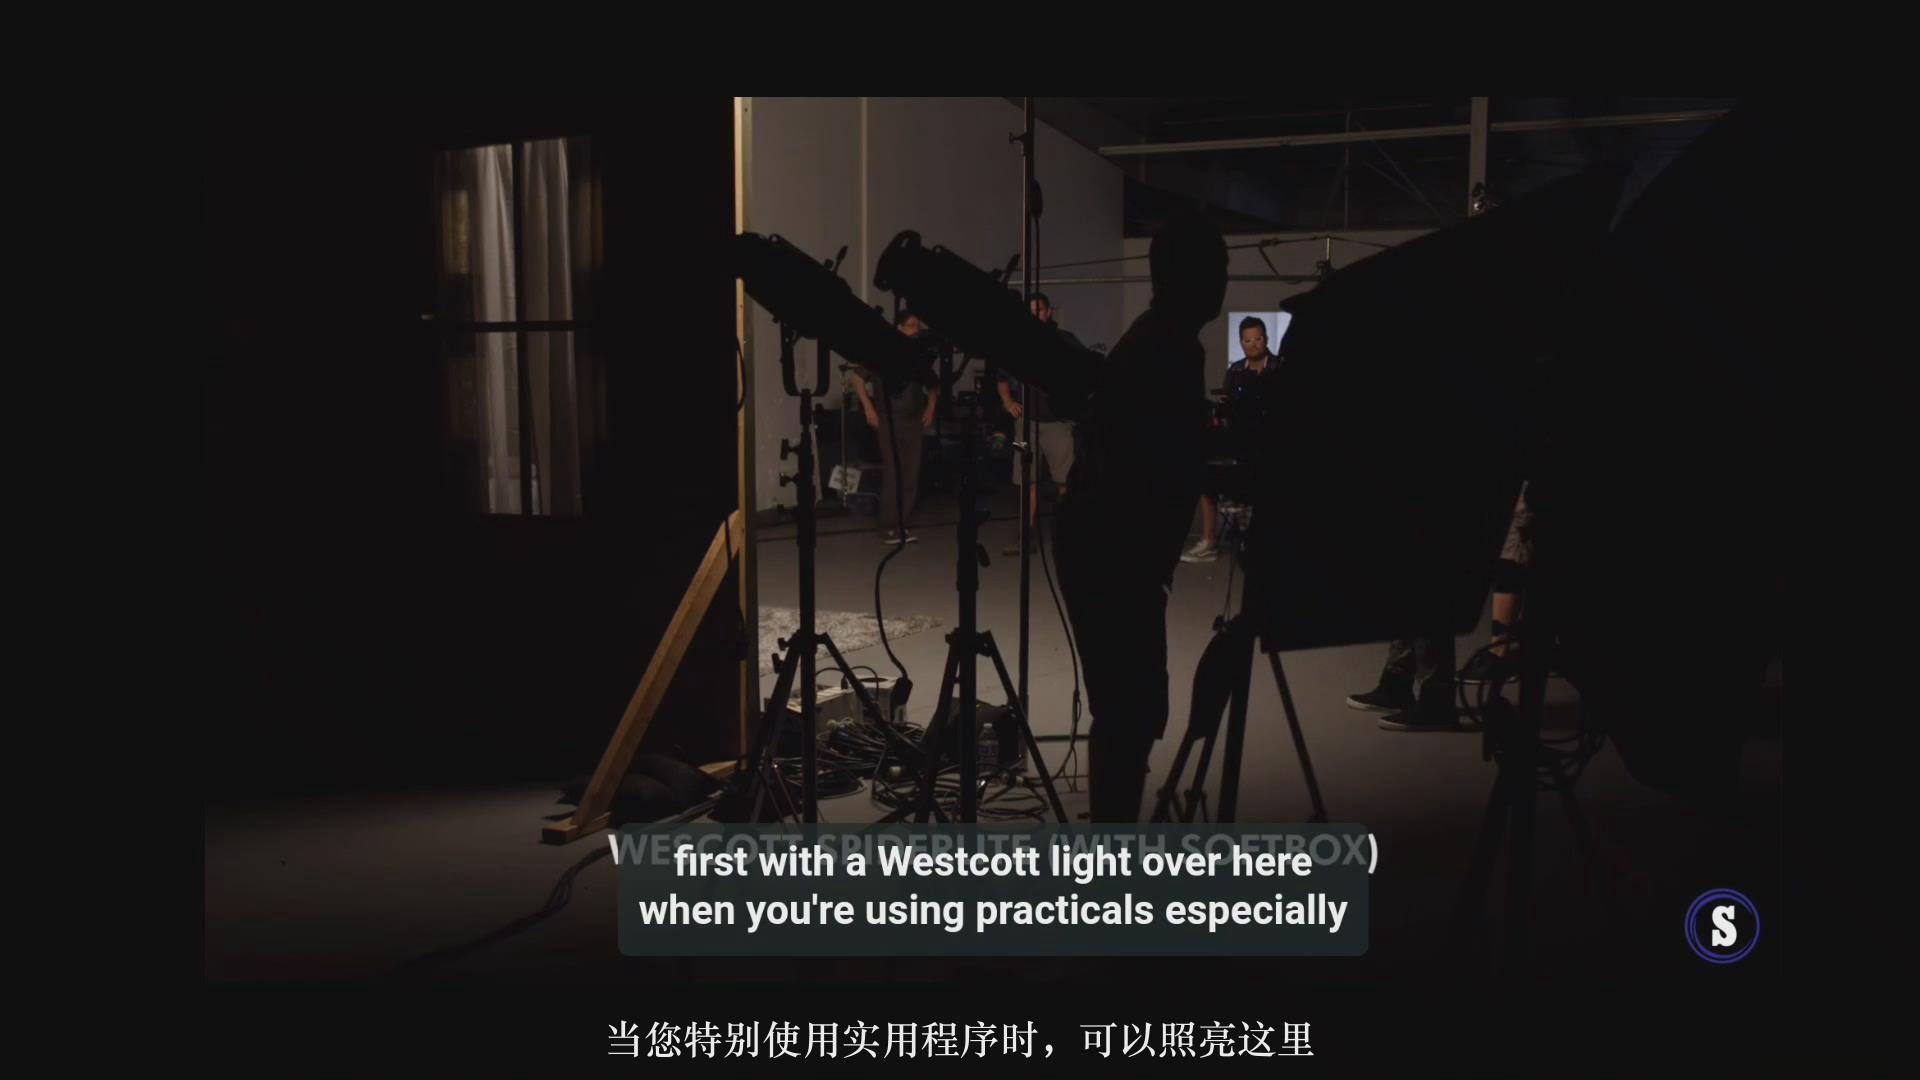 摄影教程_Hurlbut Academy–如何为电影在夜景室内场景布光营造自然外观-中文字幕 摄影教程 _预览图5